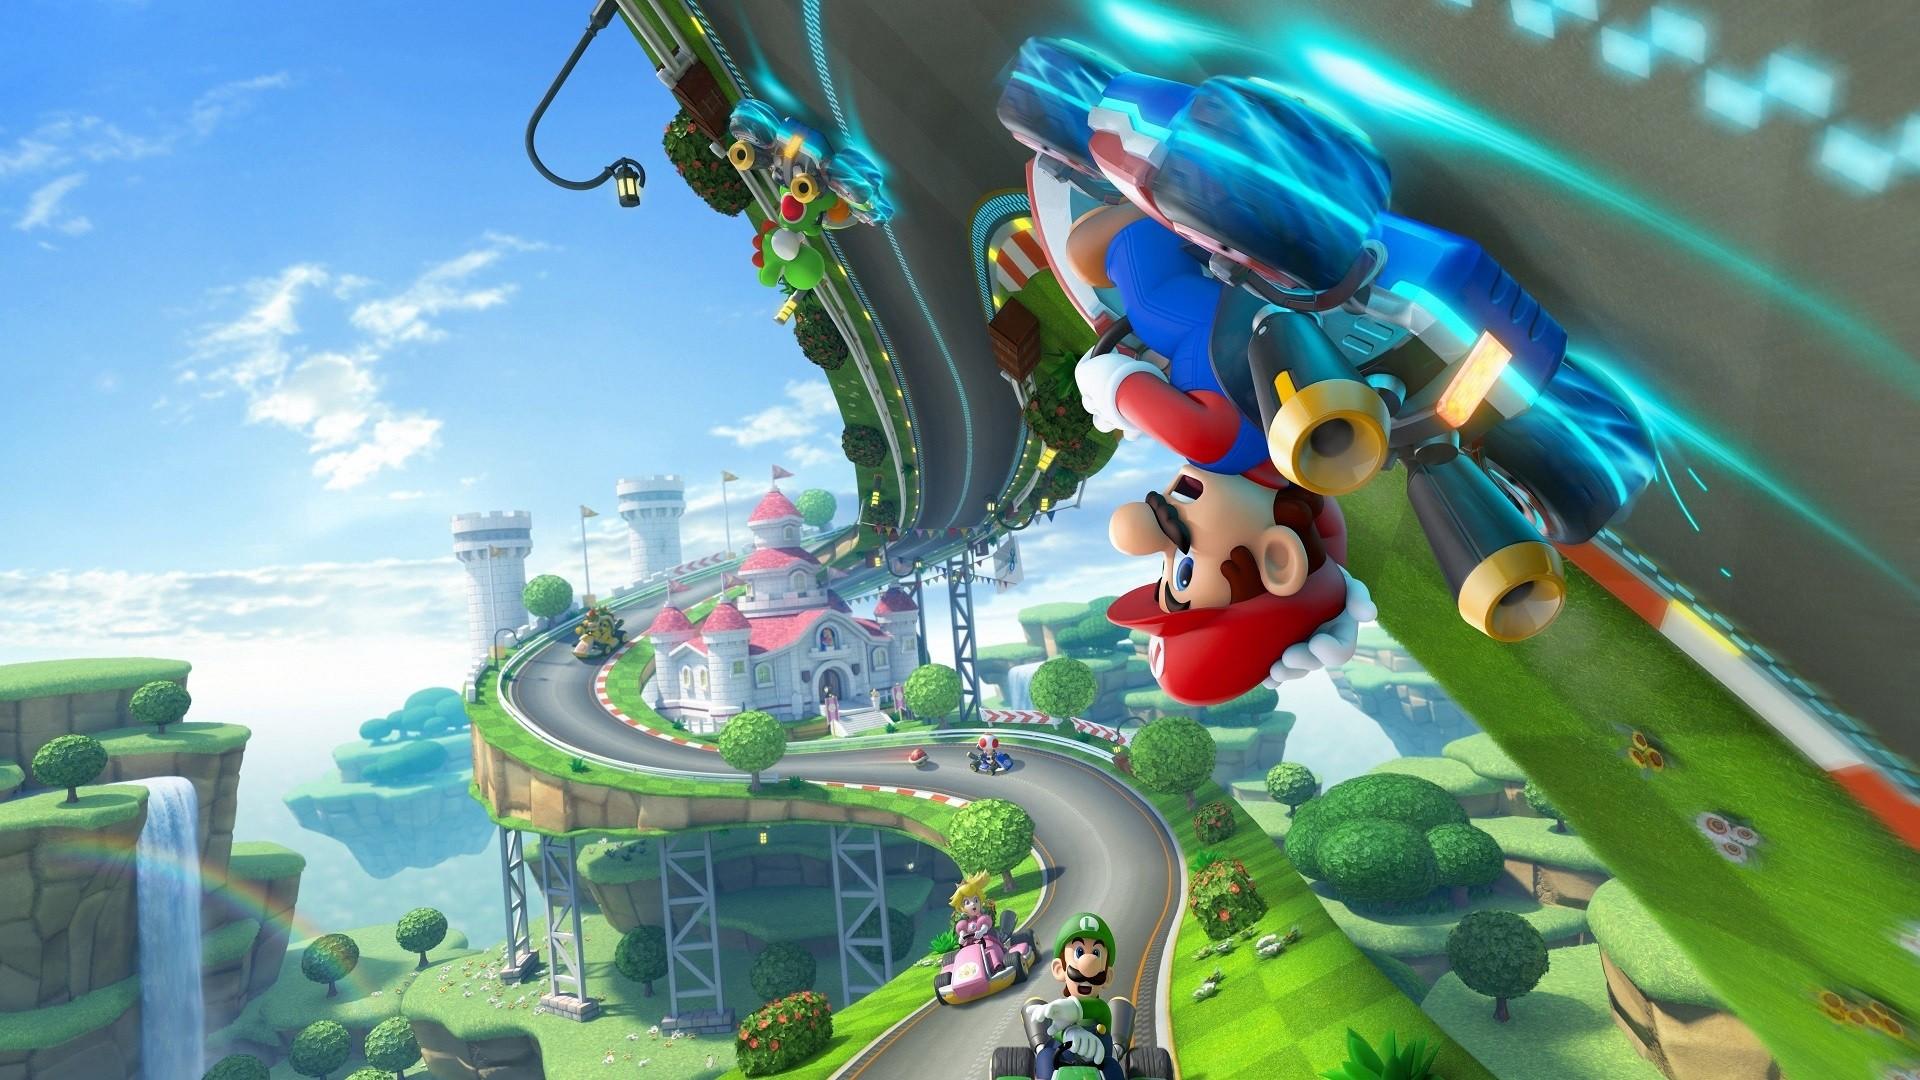 Nintendo High Quality